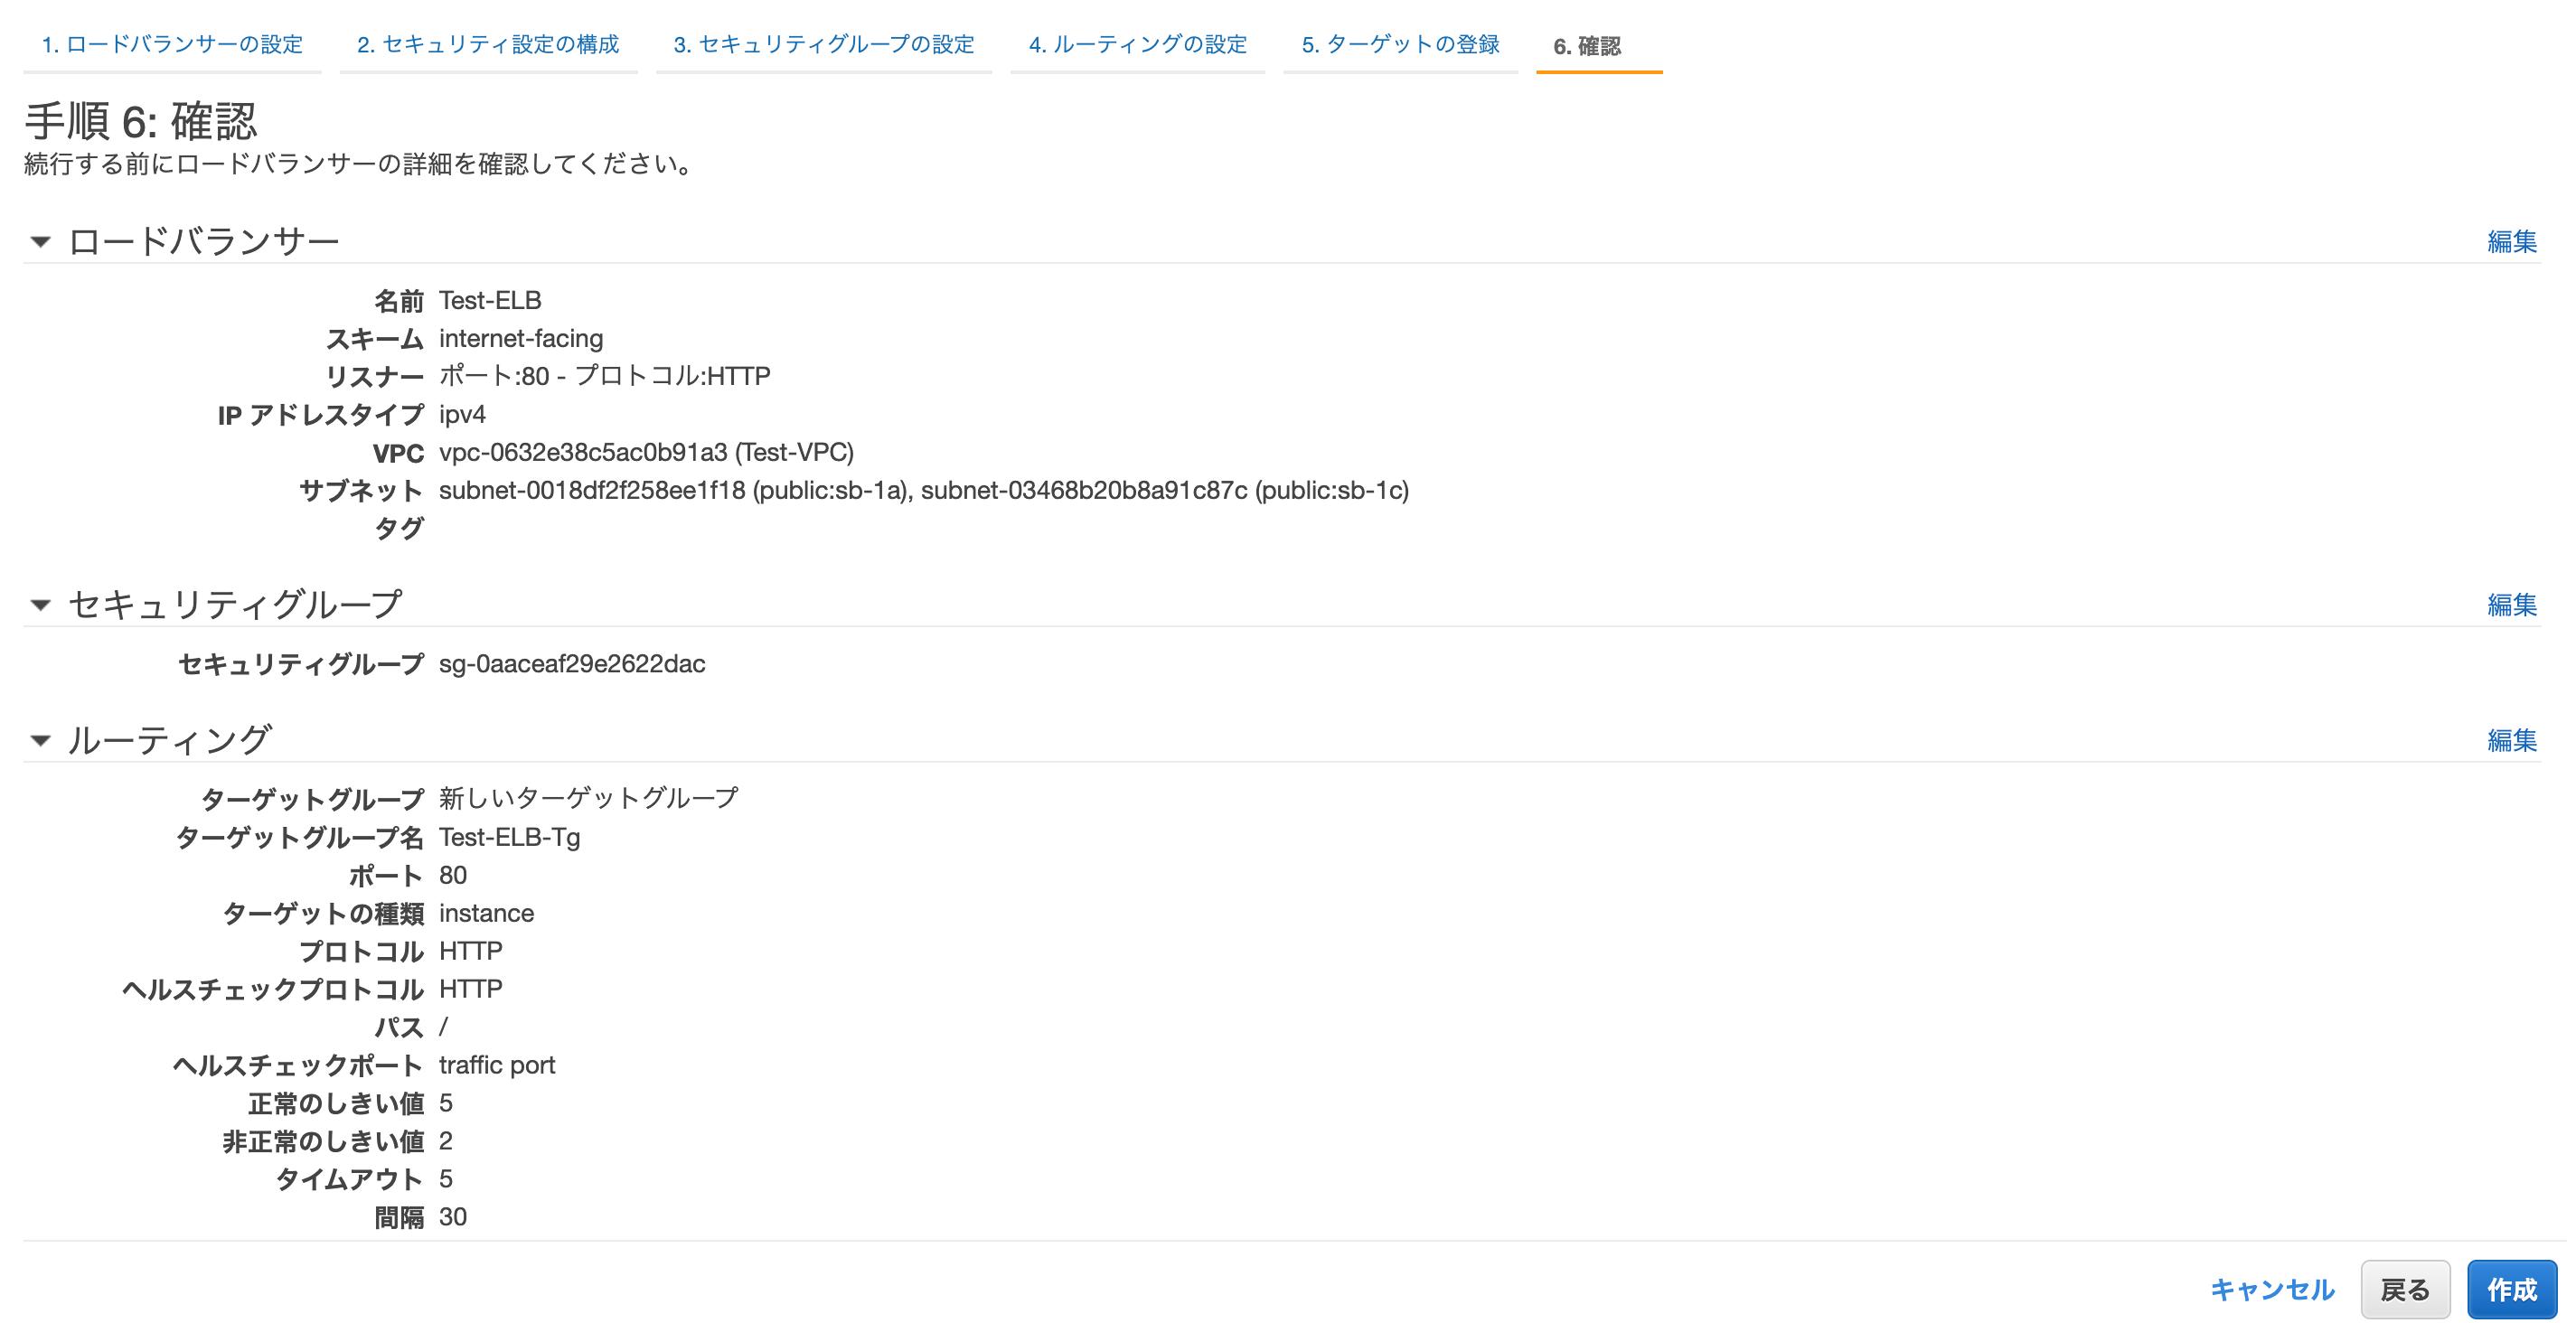 スクリーンショット 2020-03-19 16.44.18.png